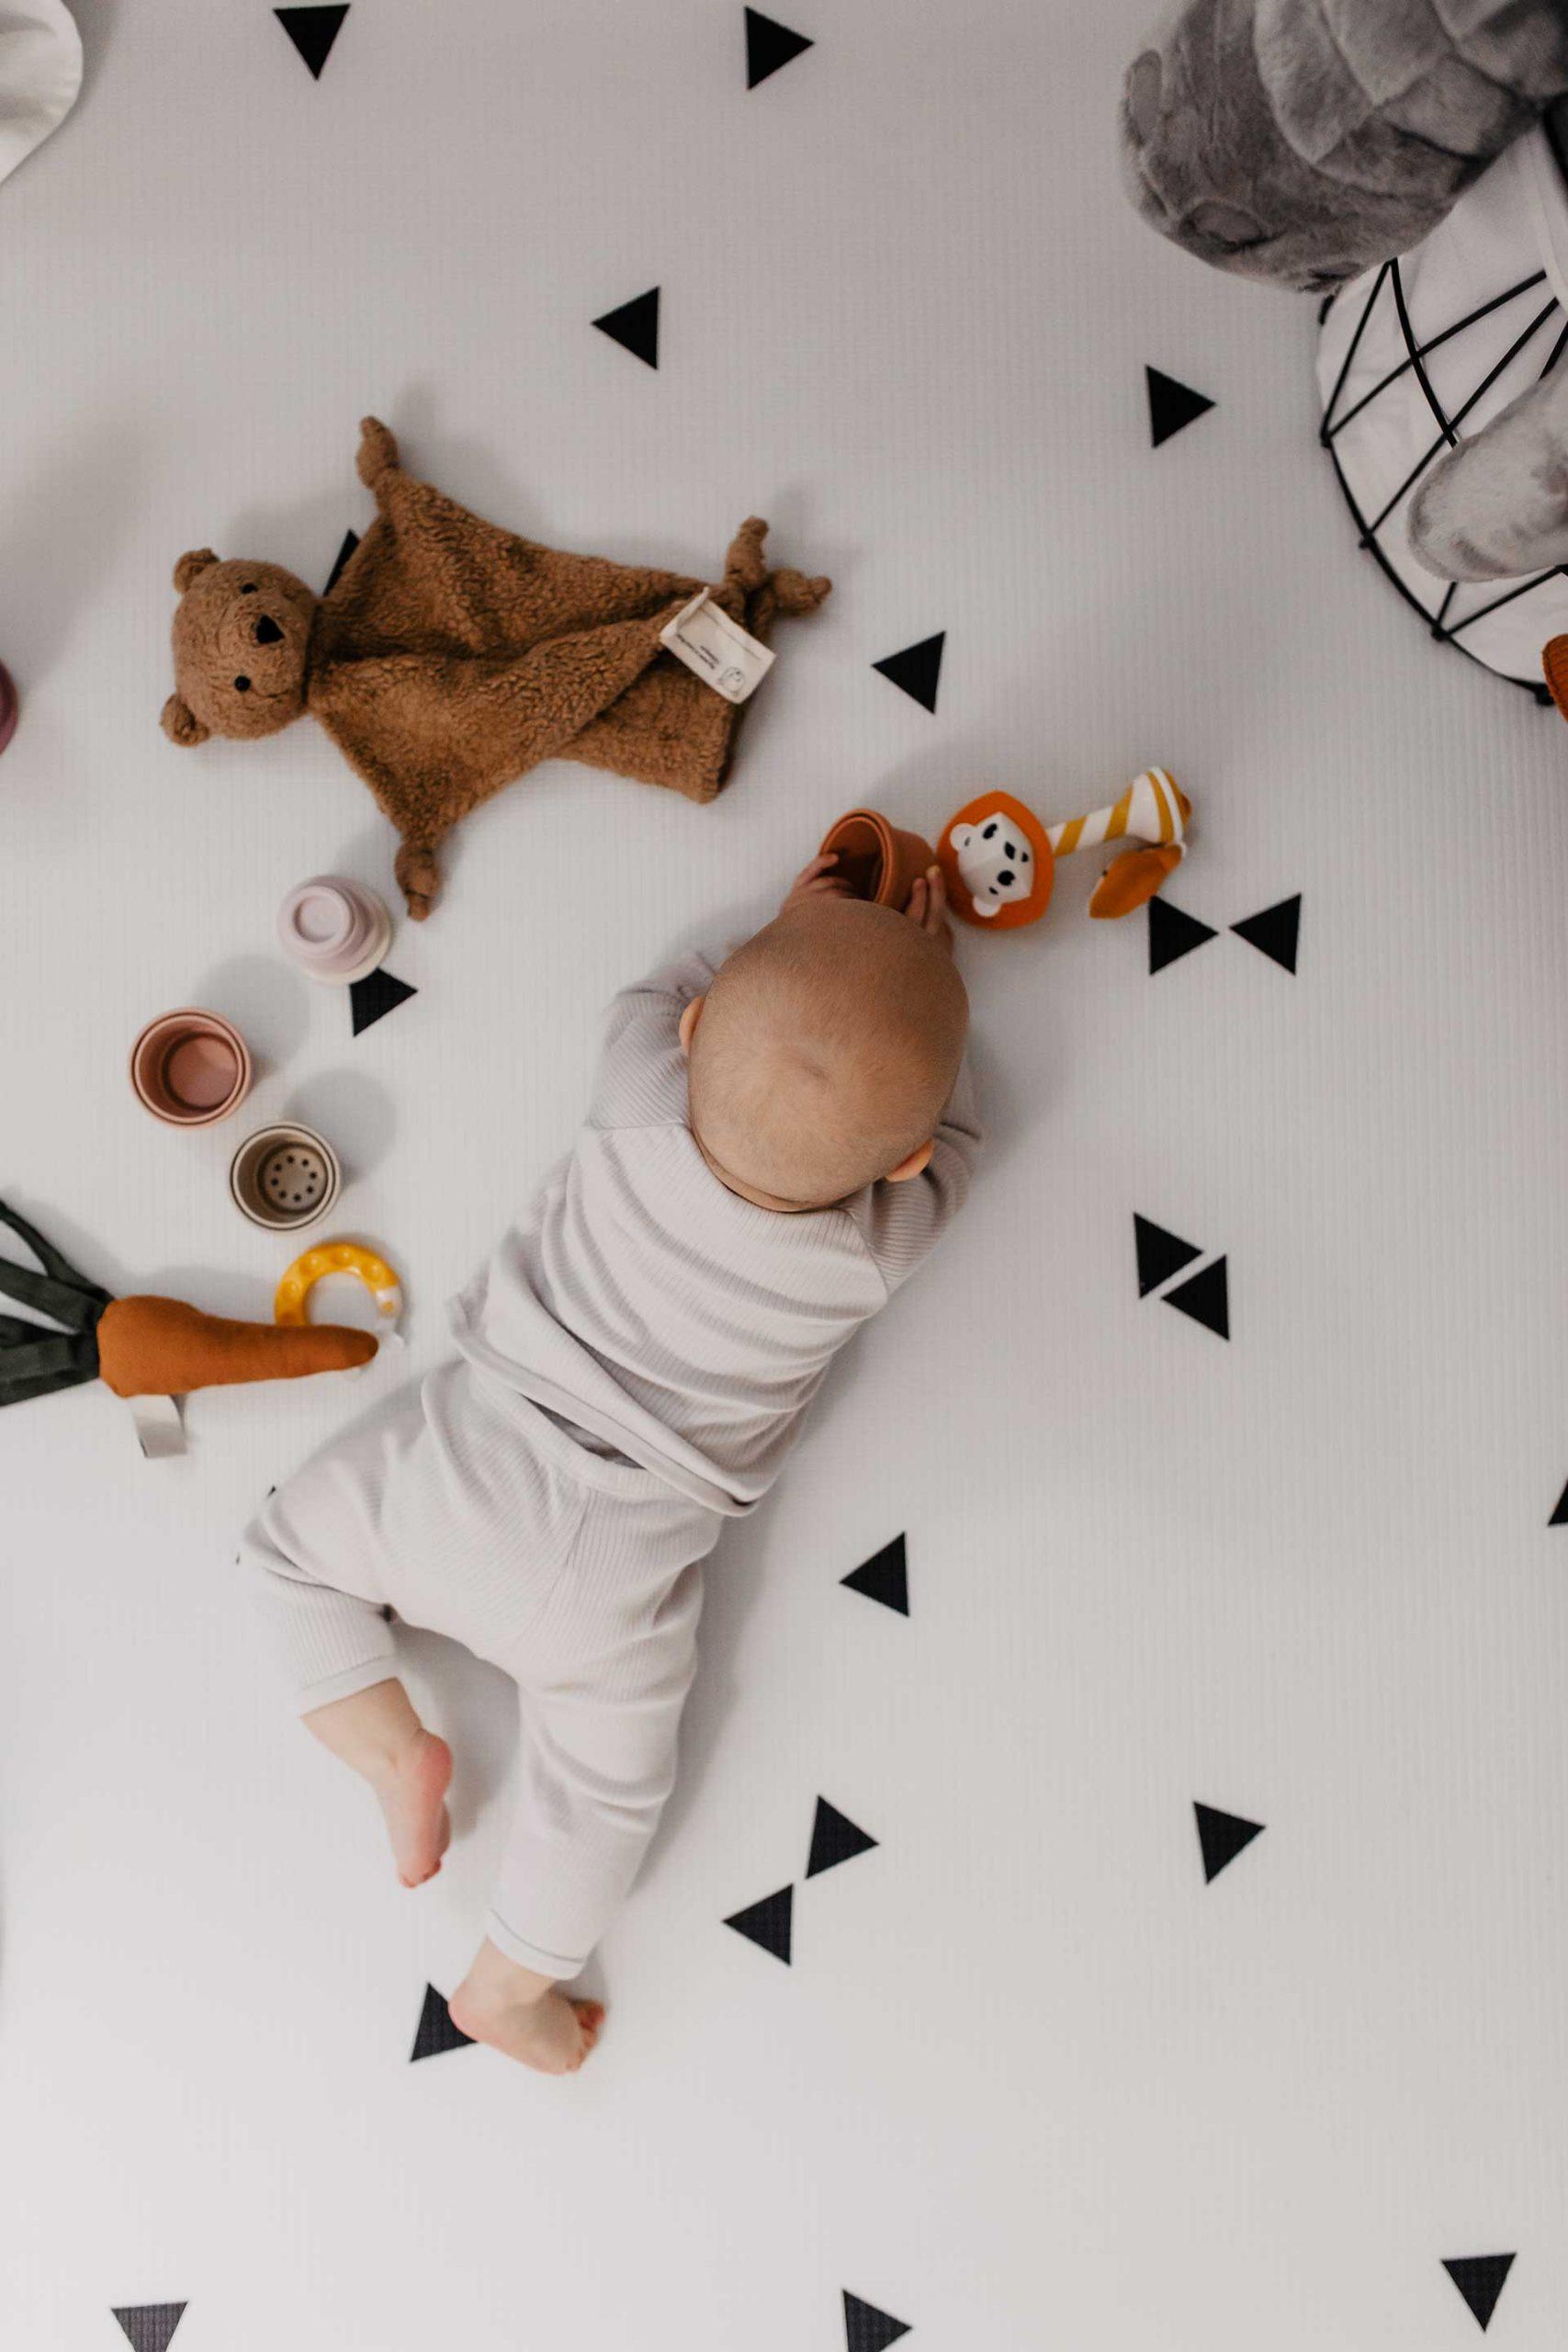 Es gibt kein richtig oder falsch bei der Baby-Erstausstattung. Meine Checkliste für Kleidung, Schlafen, Unterwegs, Wickeln, Körperpflege, Baden, Spielen, Essen/Trinken findest du jetzt am Mamablog. www.whoismocca.com